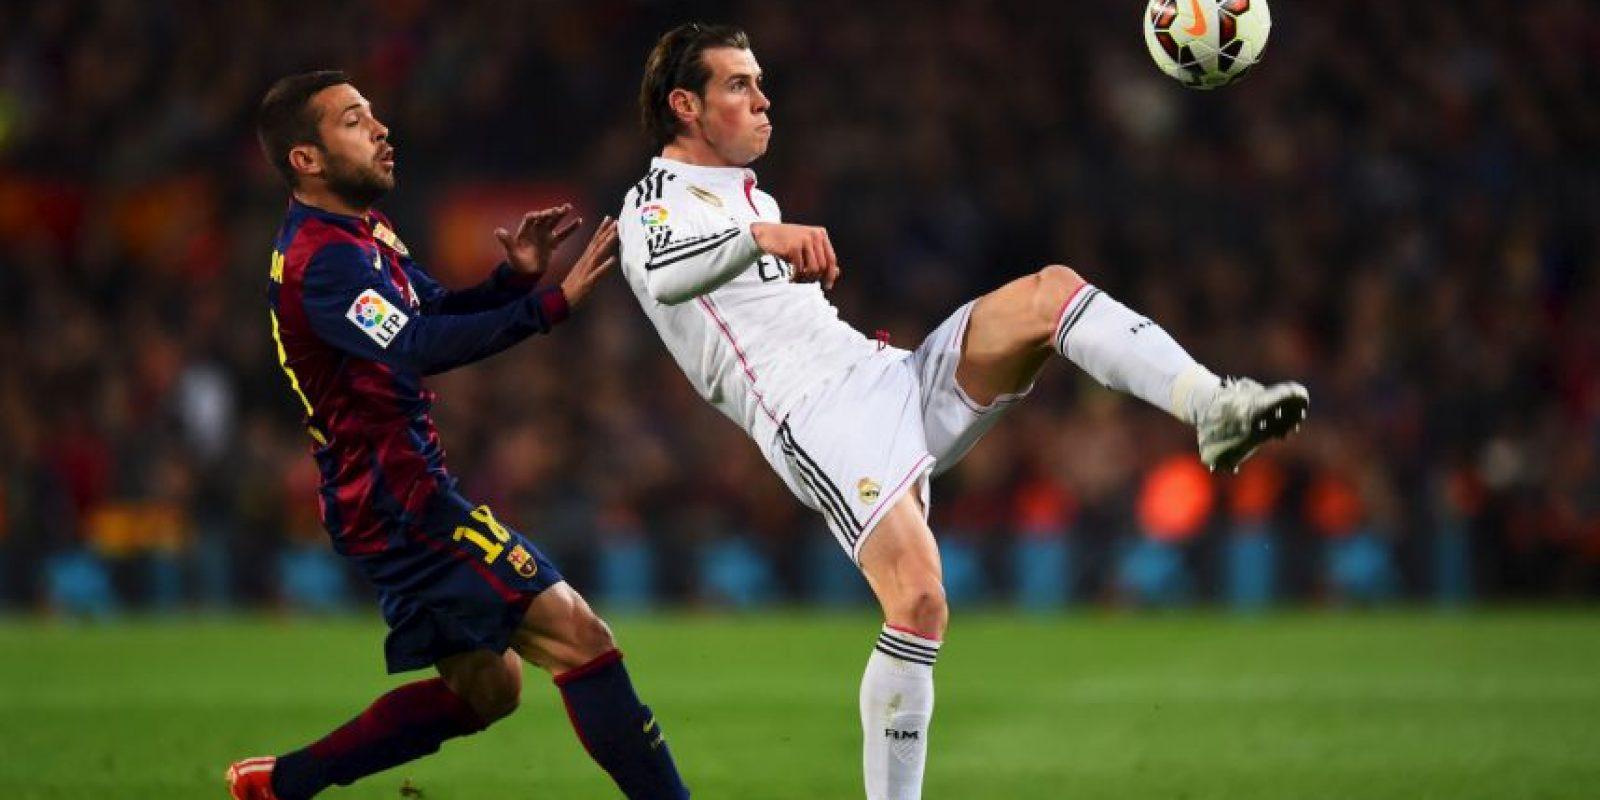 3. Por primera vez habrá un triple filtro de seguridad en el Santiago Bernabéu Foto:Getty Images